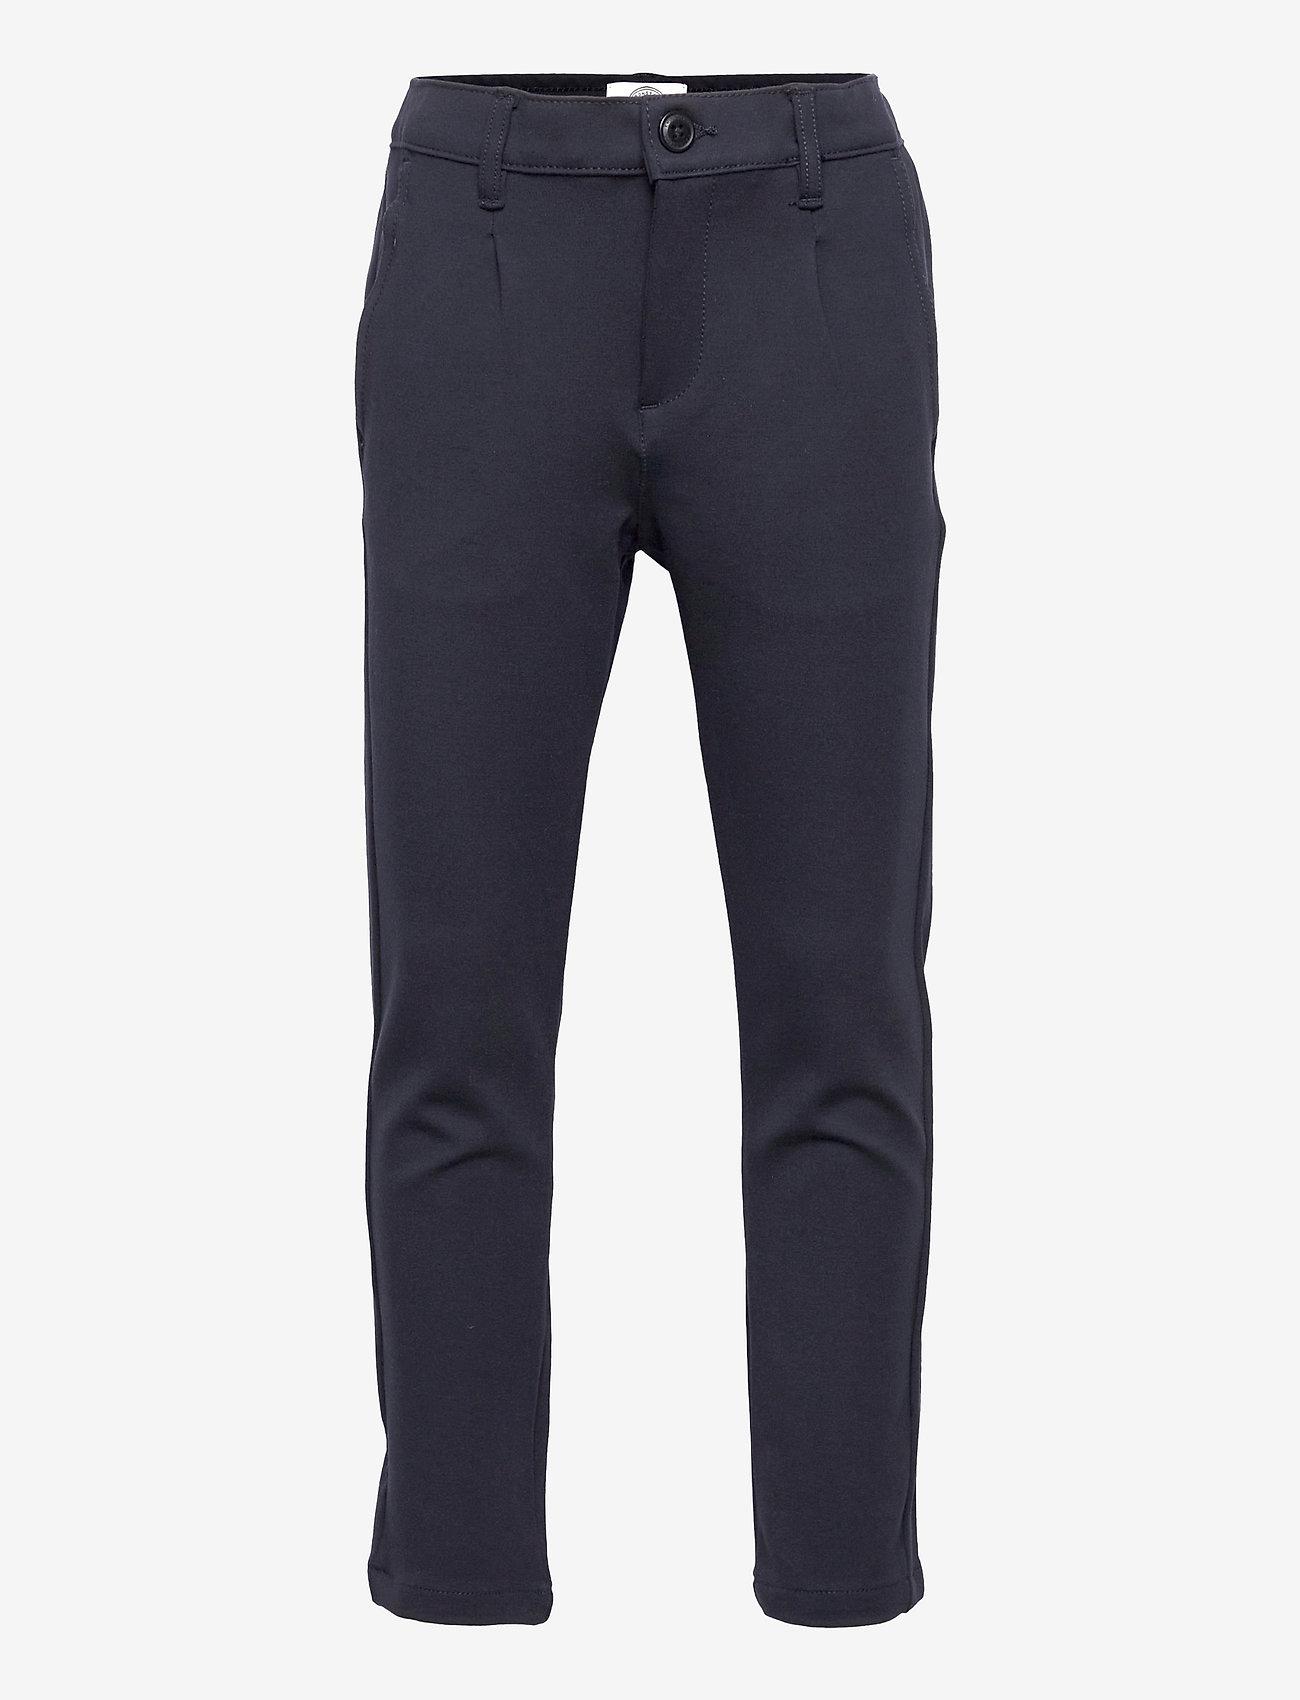 Kronstadt - Club pants - trousers - navy - 0